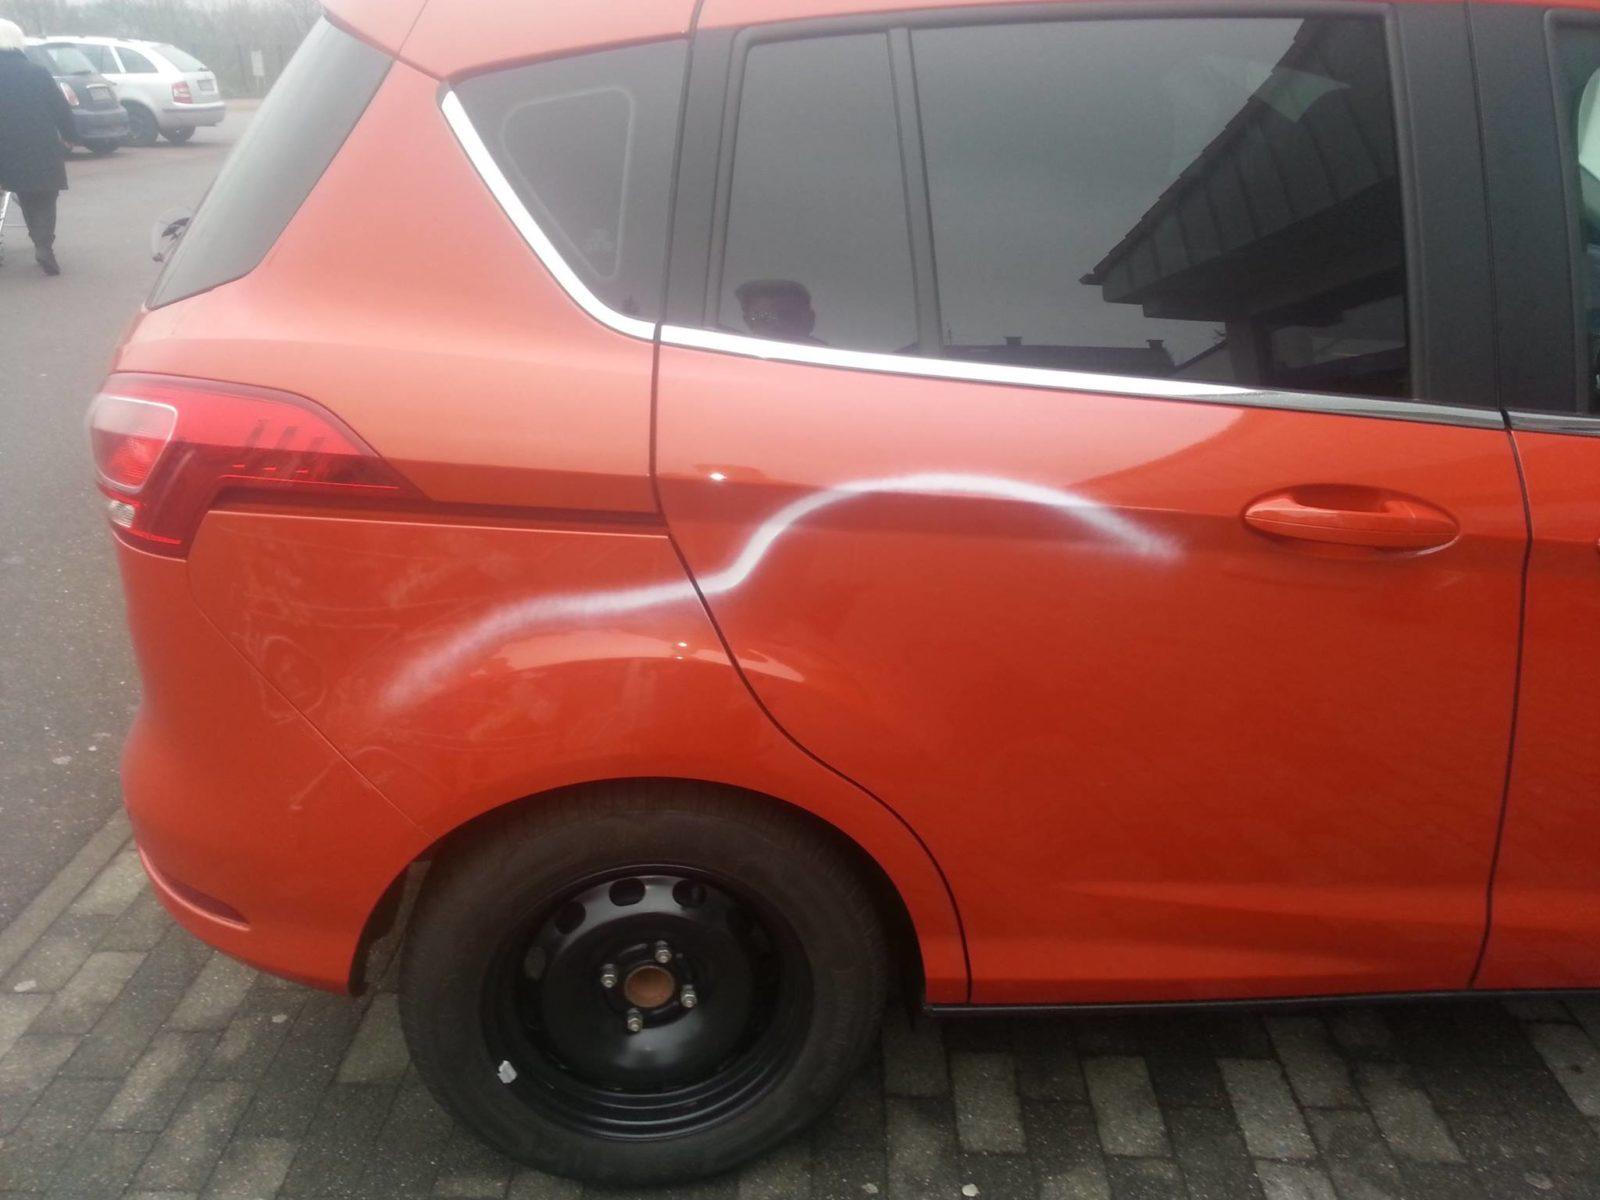 Erneut mehrere Fahrzeuge in Völklingen durch Farbschmierereien beschädigt - Blaulichtreport-Saarland